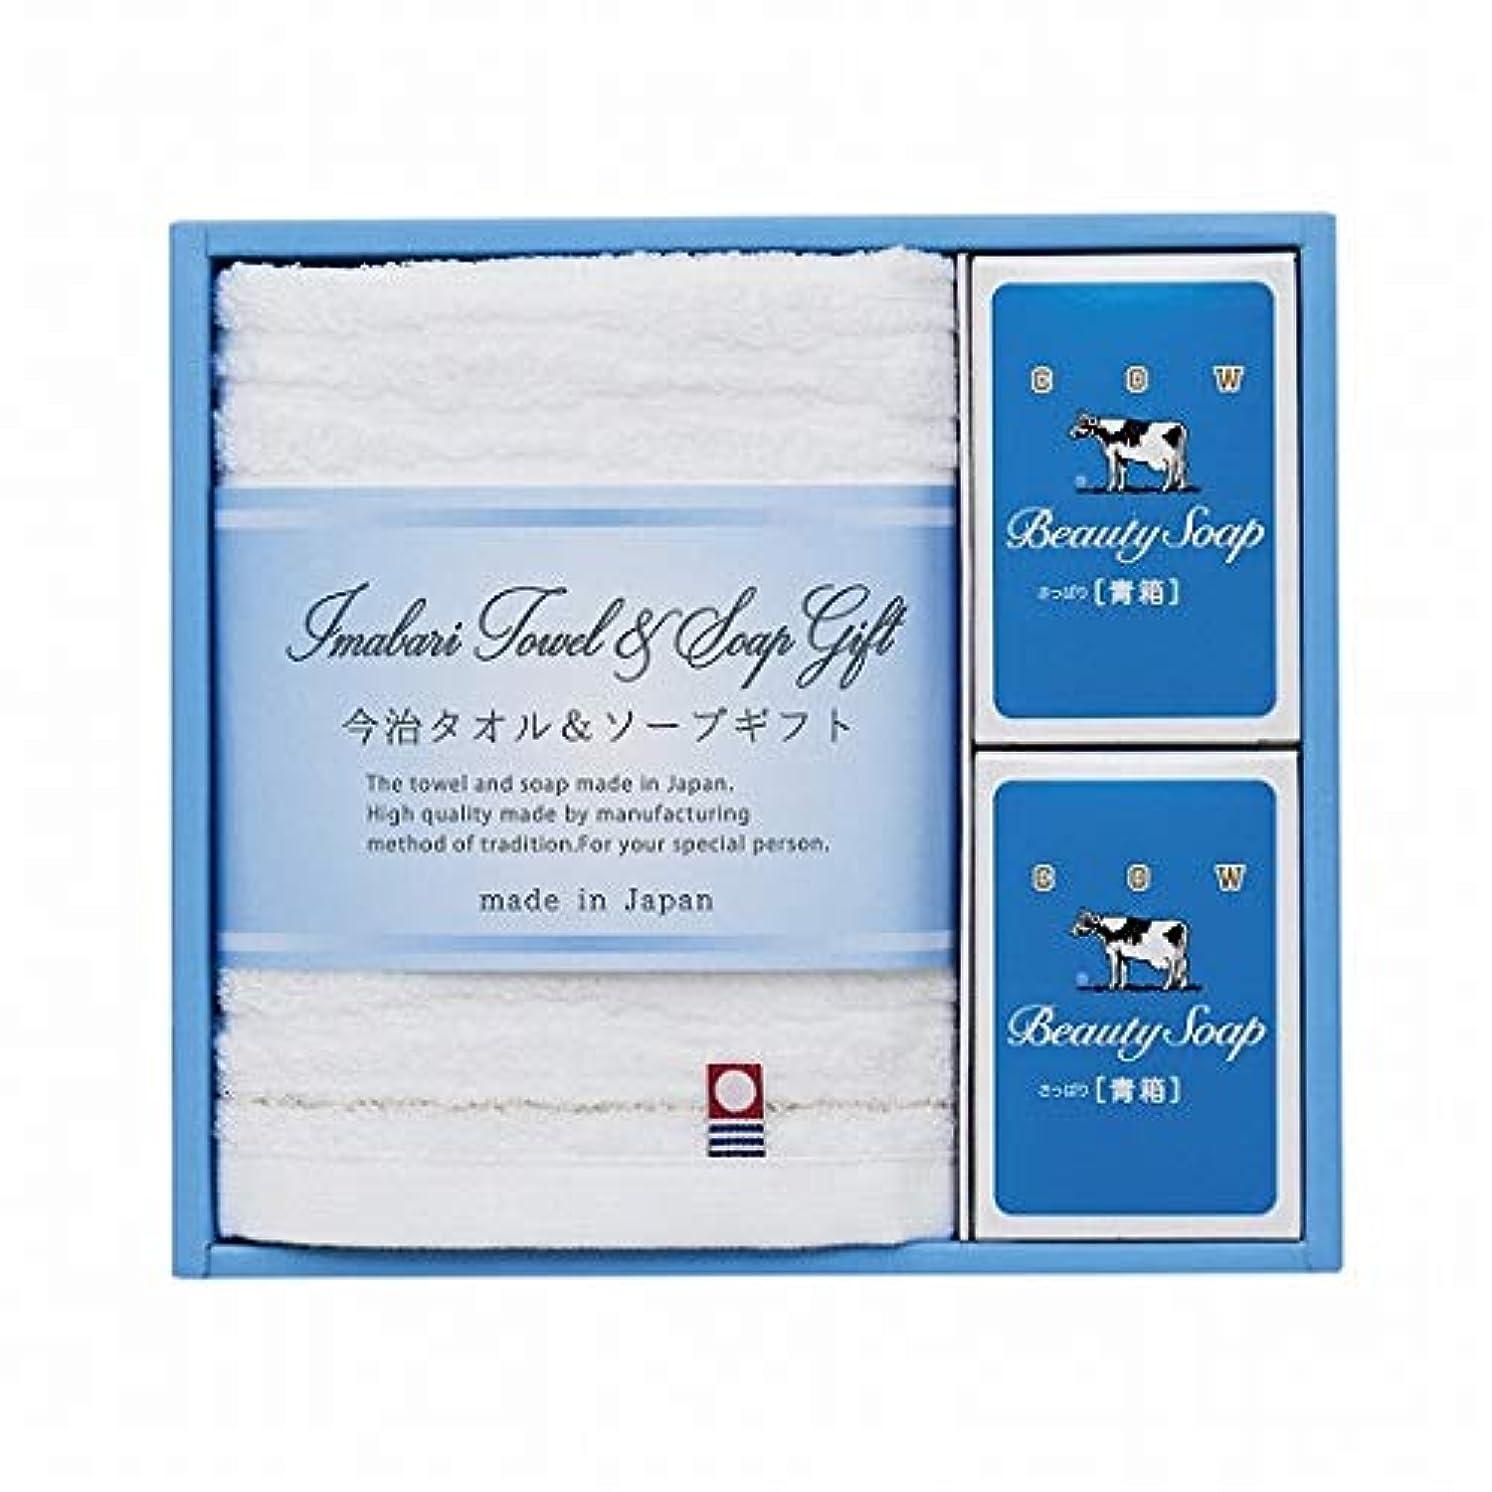 ヘルパー麺ハンディキャップimabari towel(今治タオル) 今治タオル&ソープセット(GS1099)